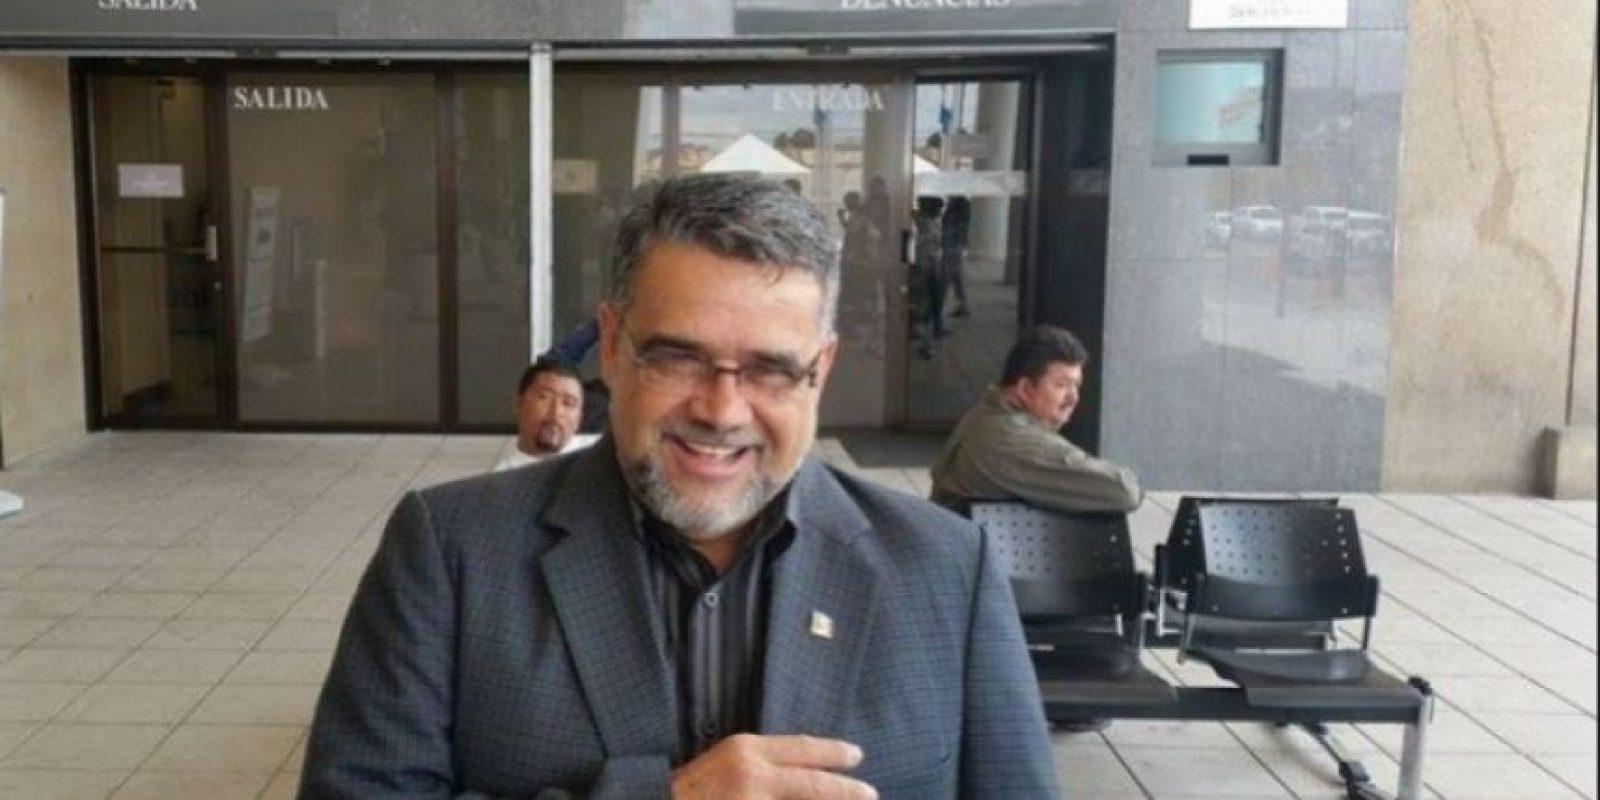 Manuel Barquín, del partido Libertad Democrática Renovada (Líder) Foto:Publinews